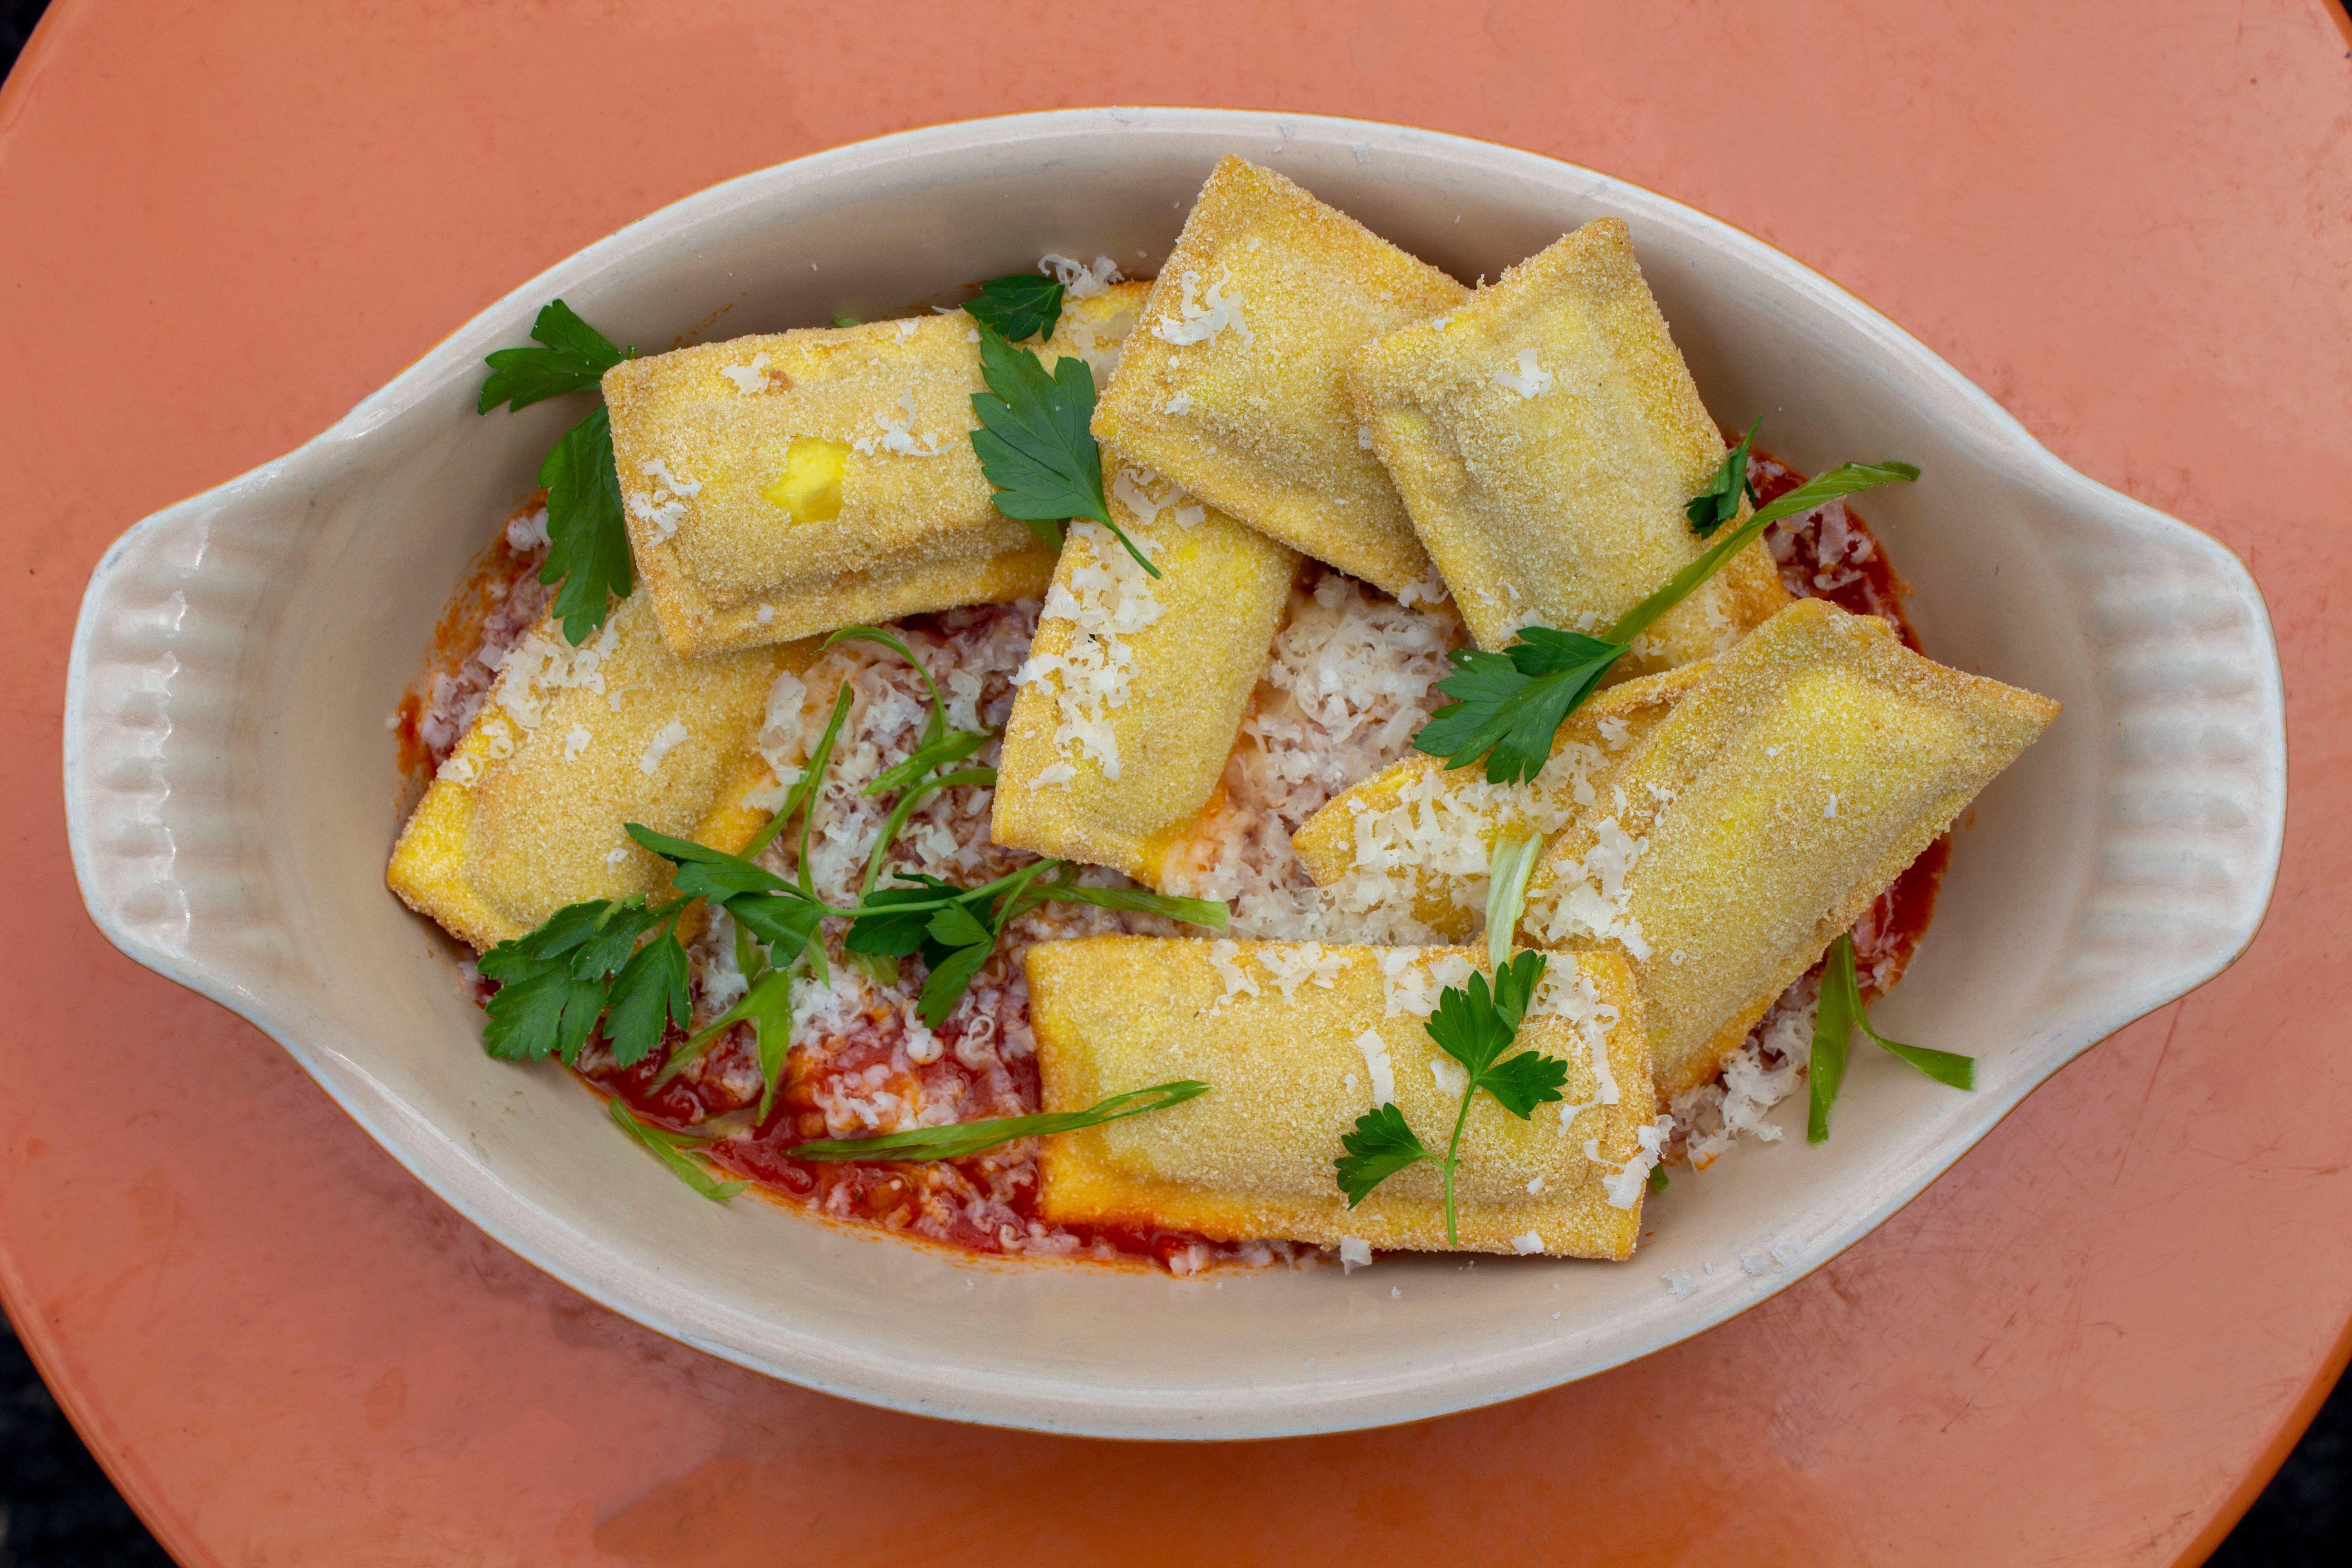 一盘炸过的意大利馄饨,浇上一层海员式沙司,撒上奶酪和欧芹